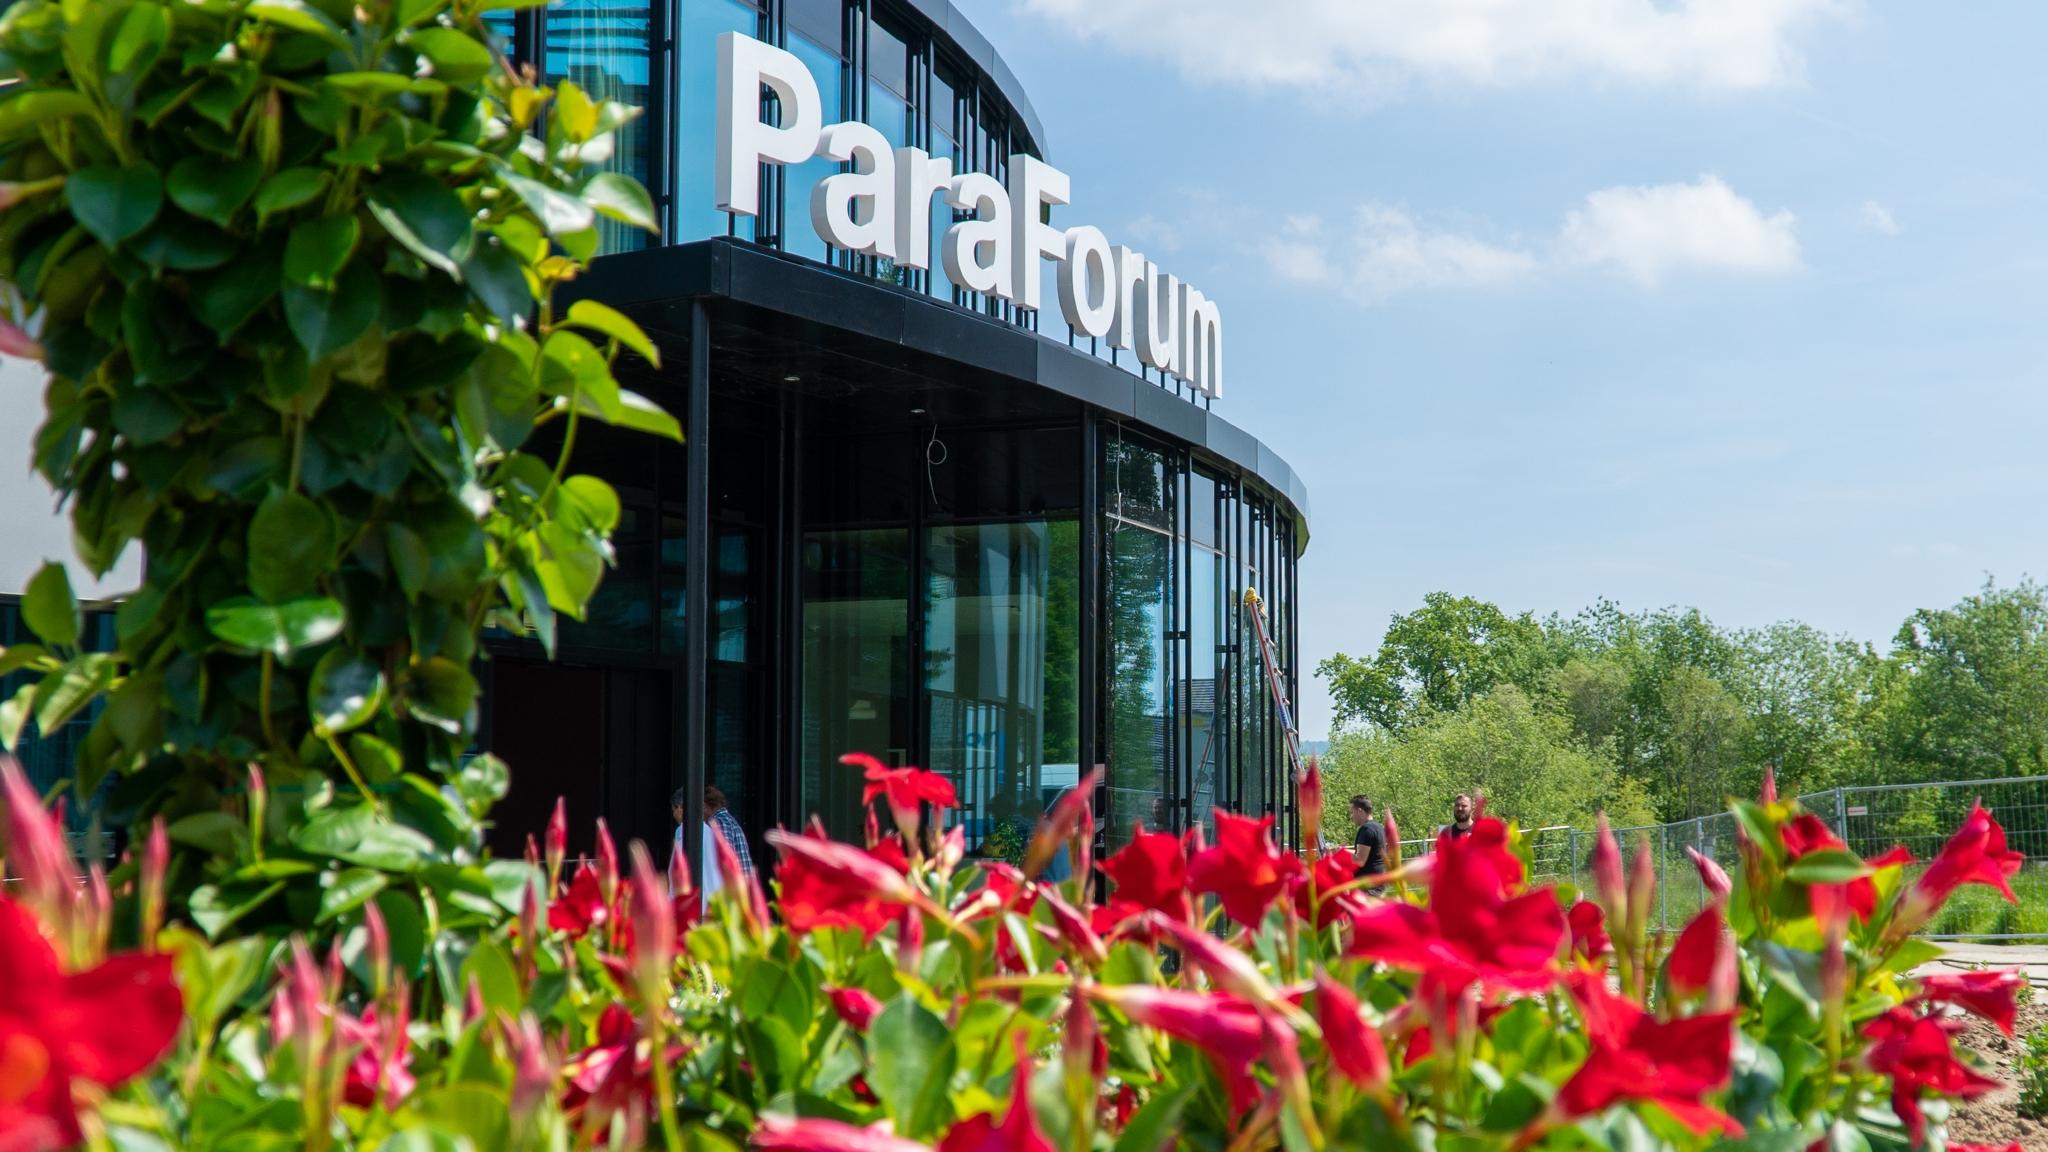 Das Besucherzentrum ParaForum in Nottwil.